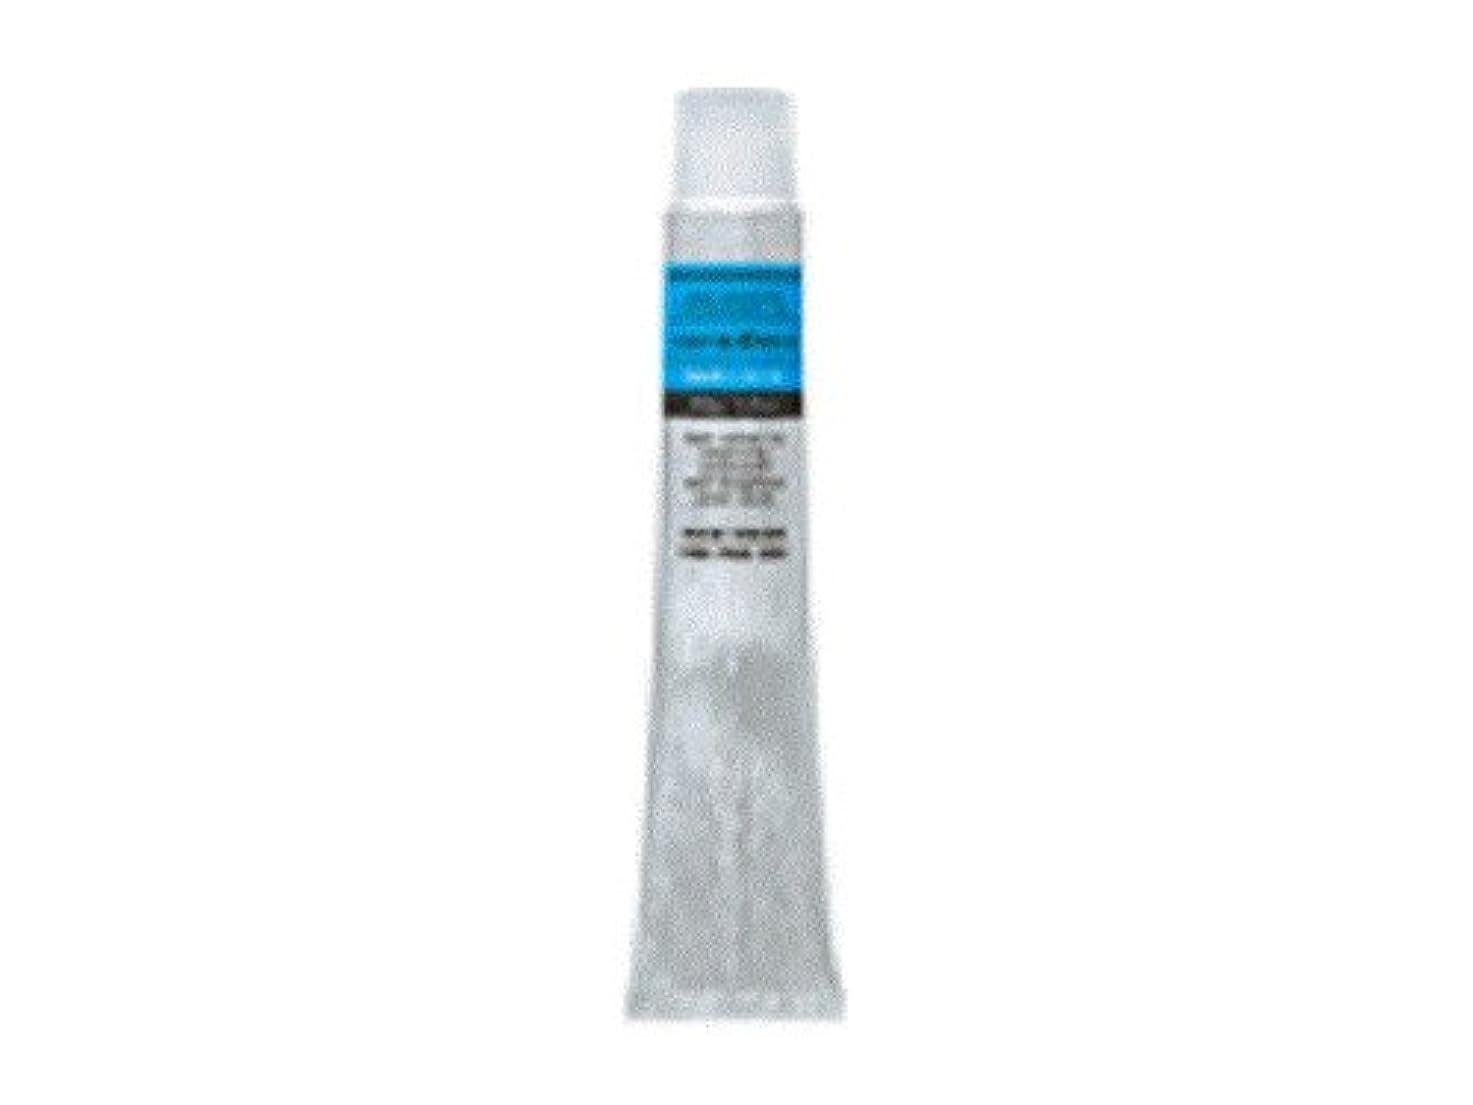 変装した容器島中野製薬 ナカノ キャラデコ 1剤(アクセントカラー)80g (Ash/a)